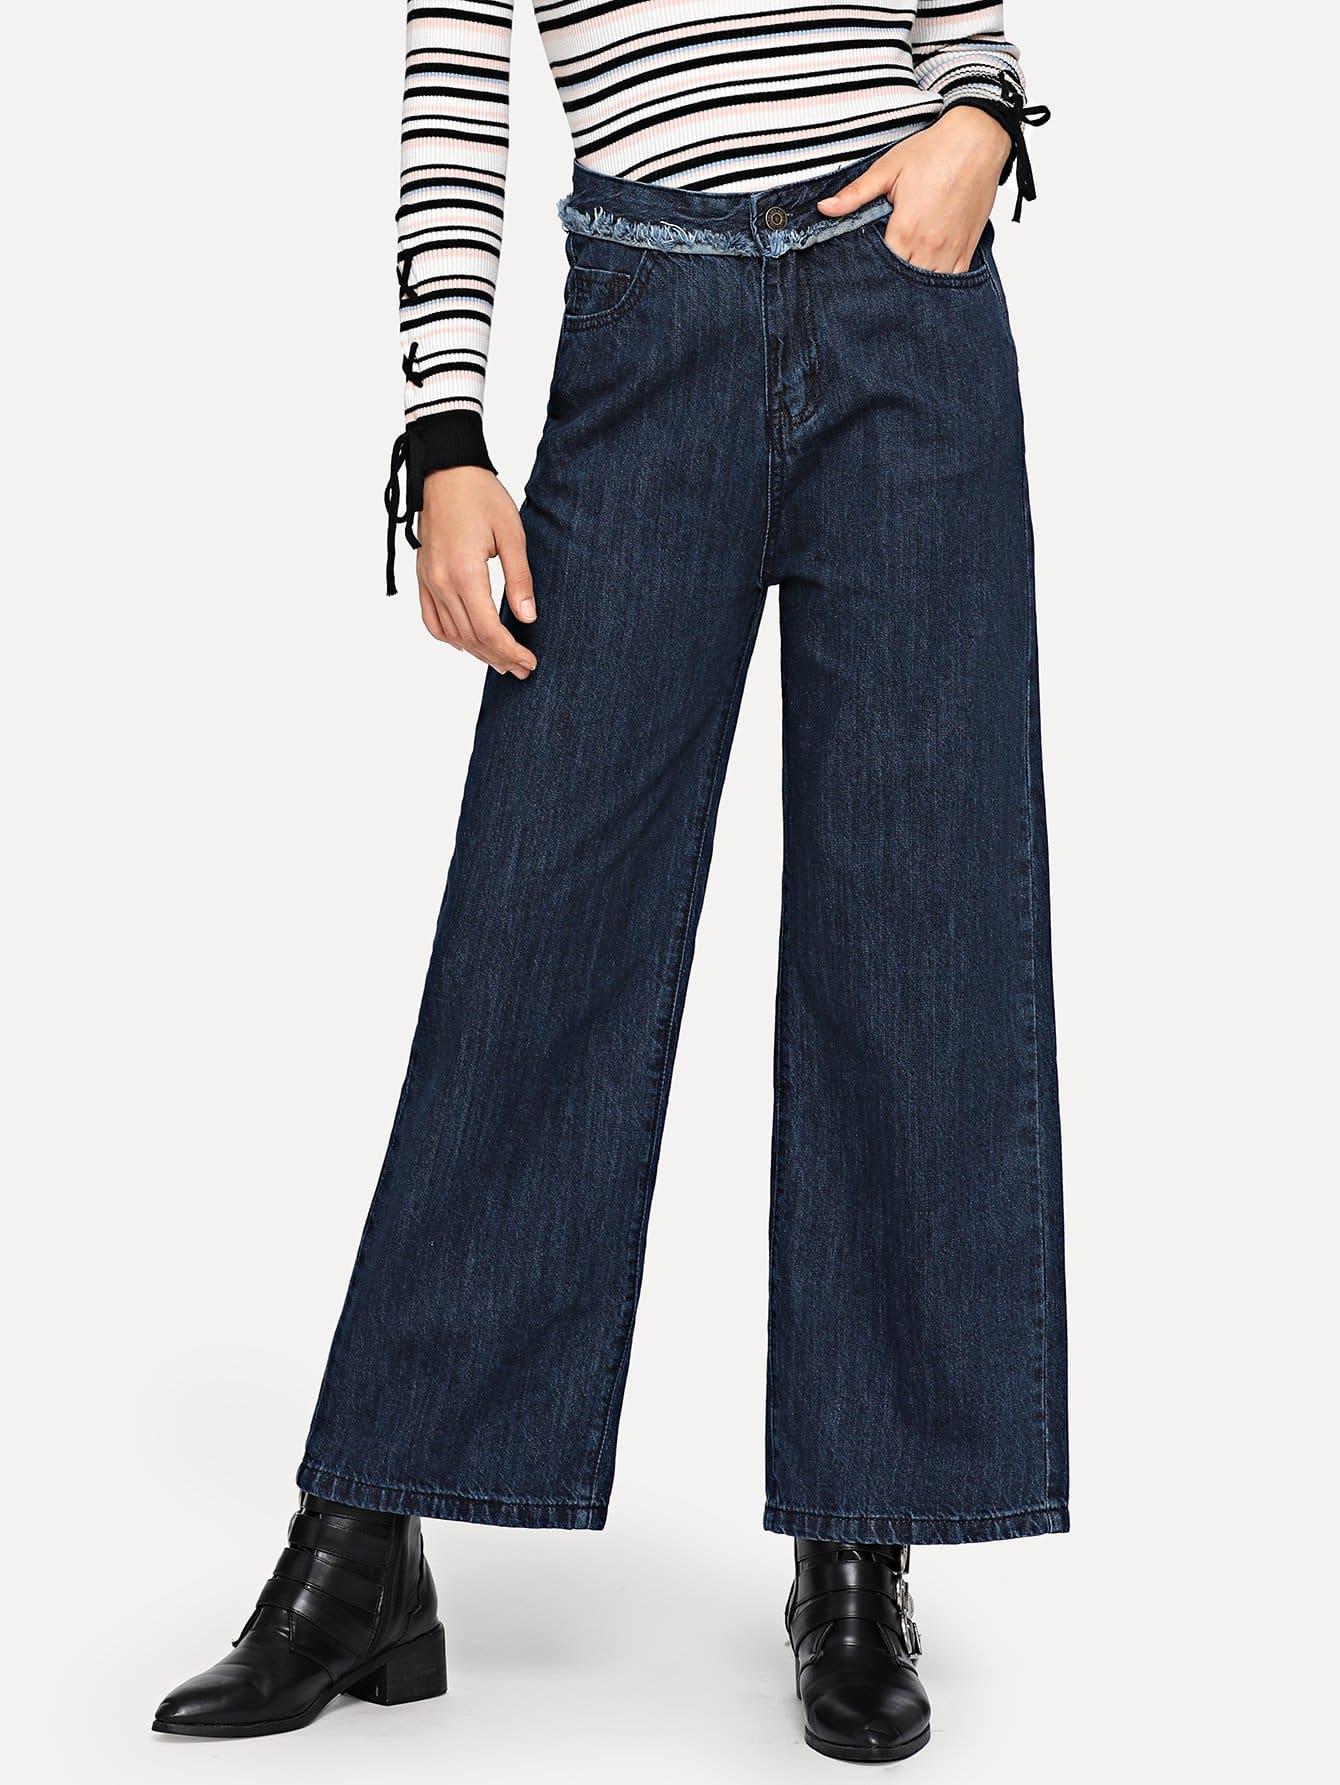 毛邊寬腿寬腿牛仔褲 | SHEIN臺灣